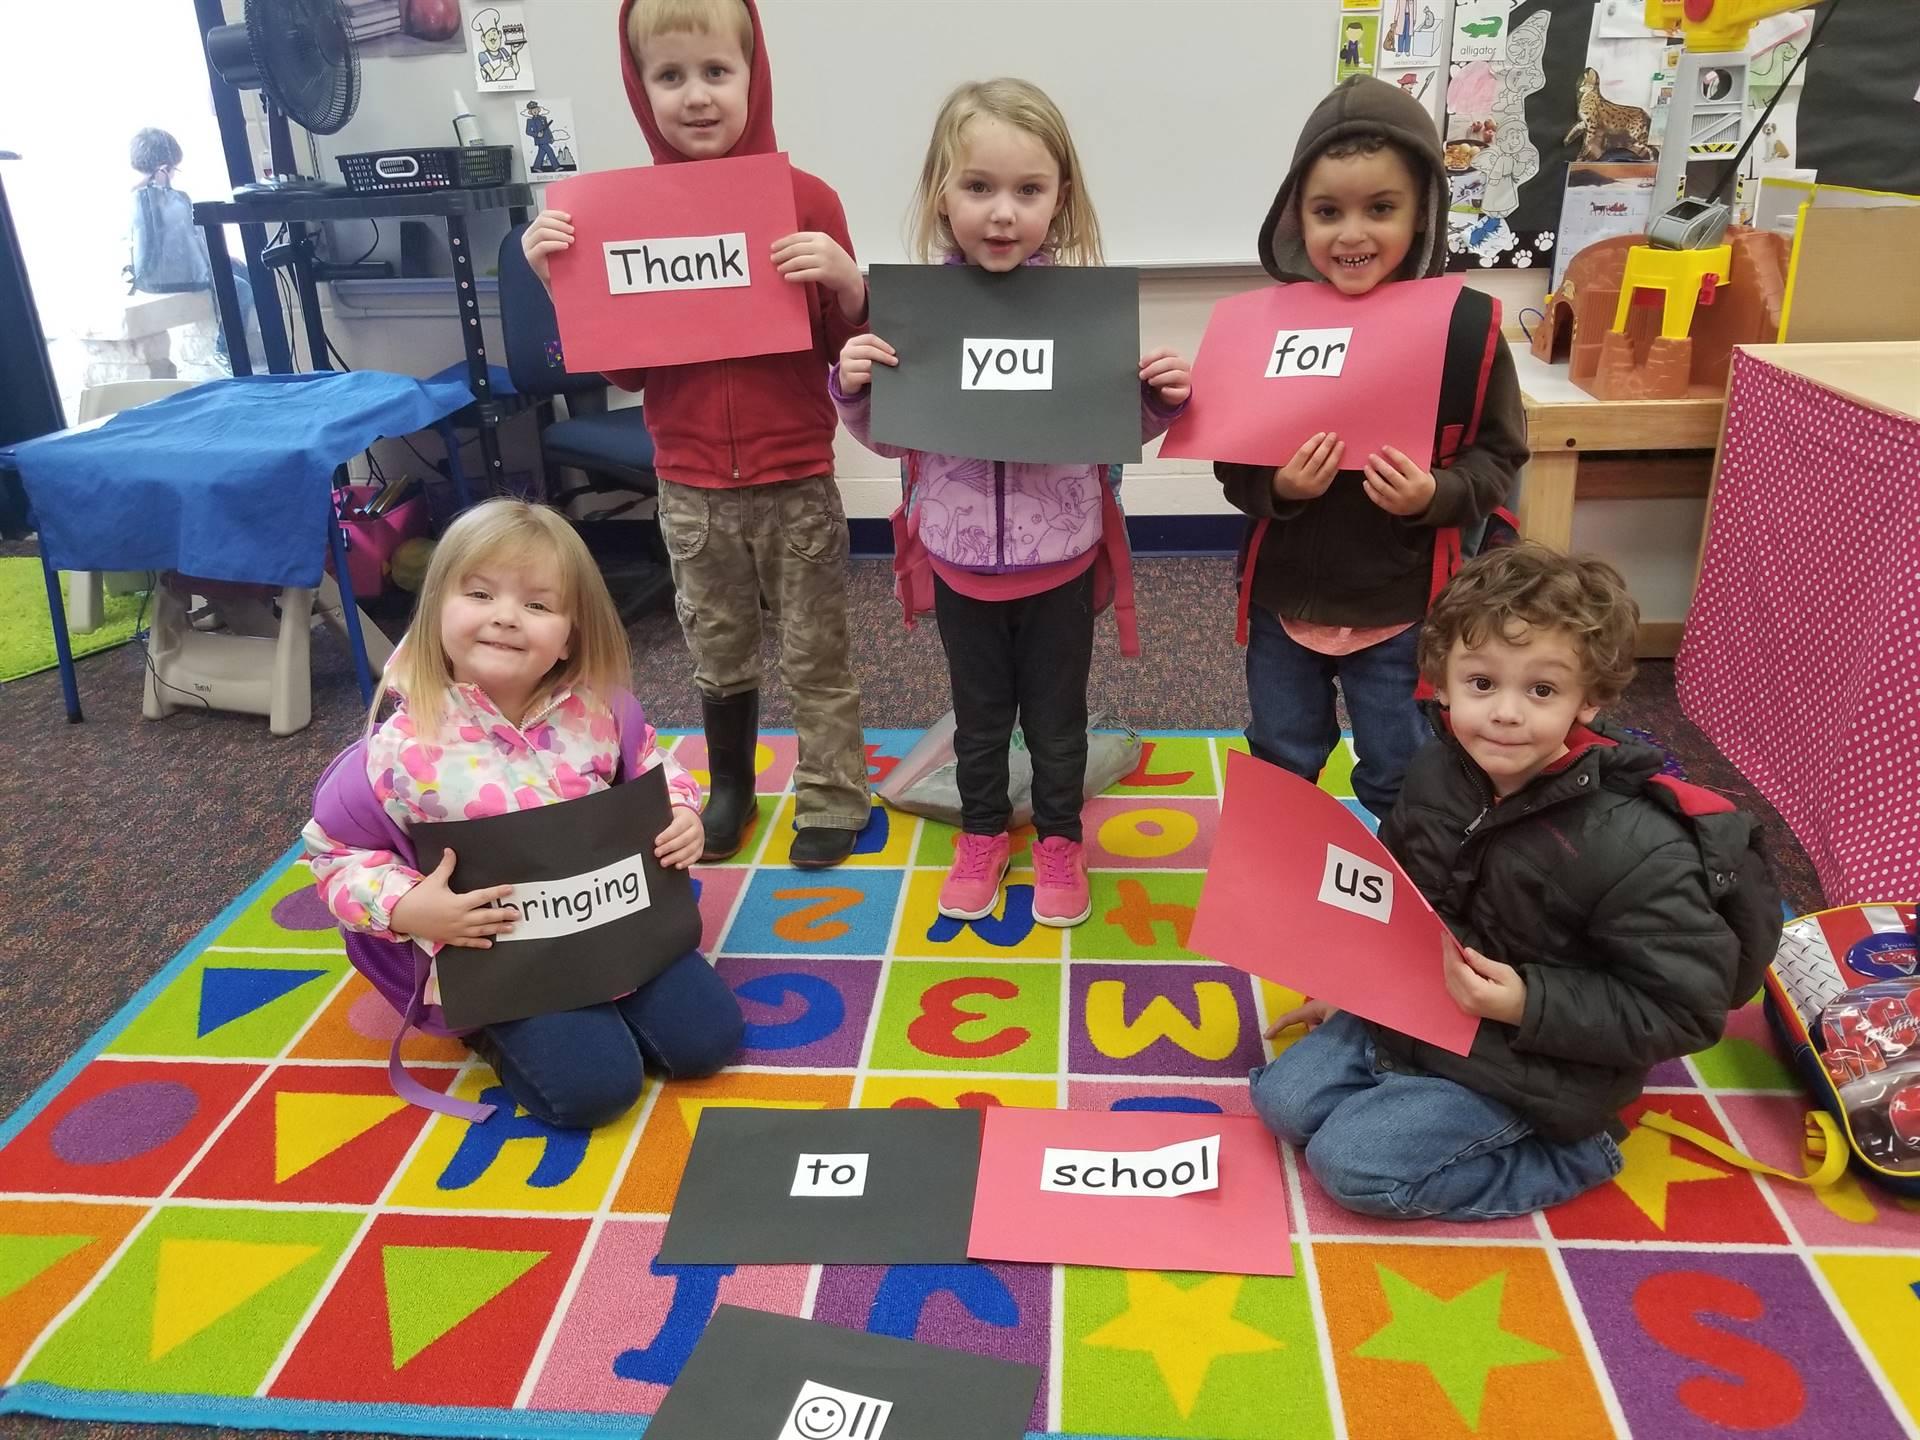 Thankful Preschoolers #NLKind